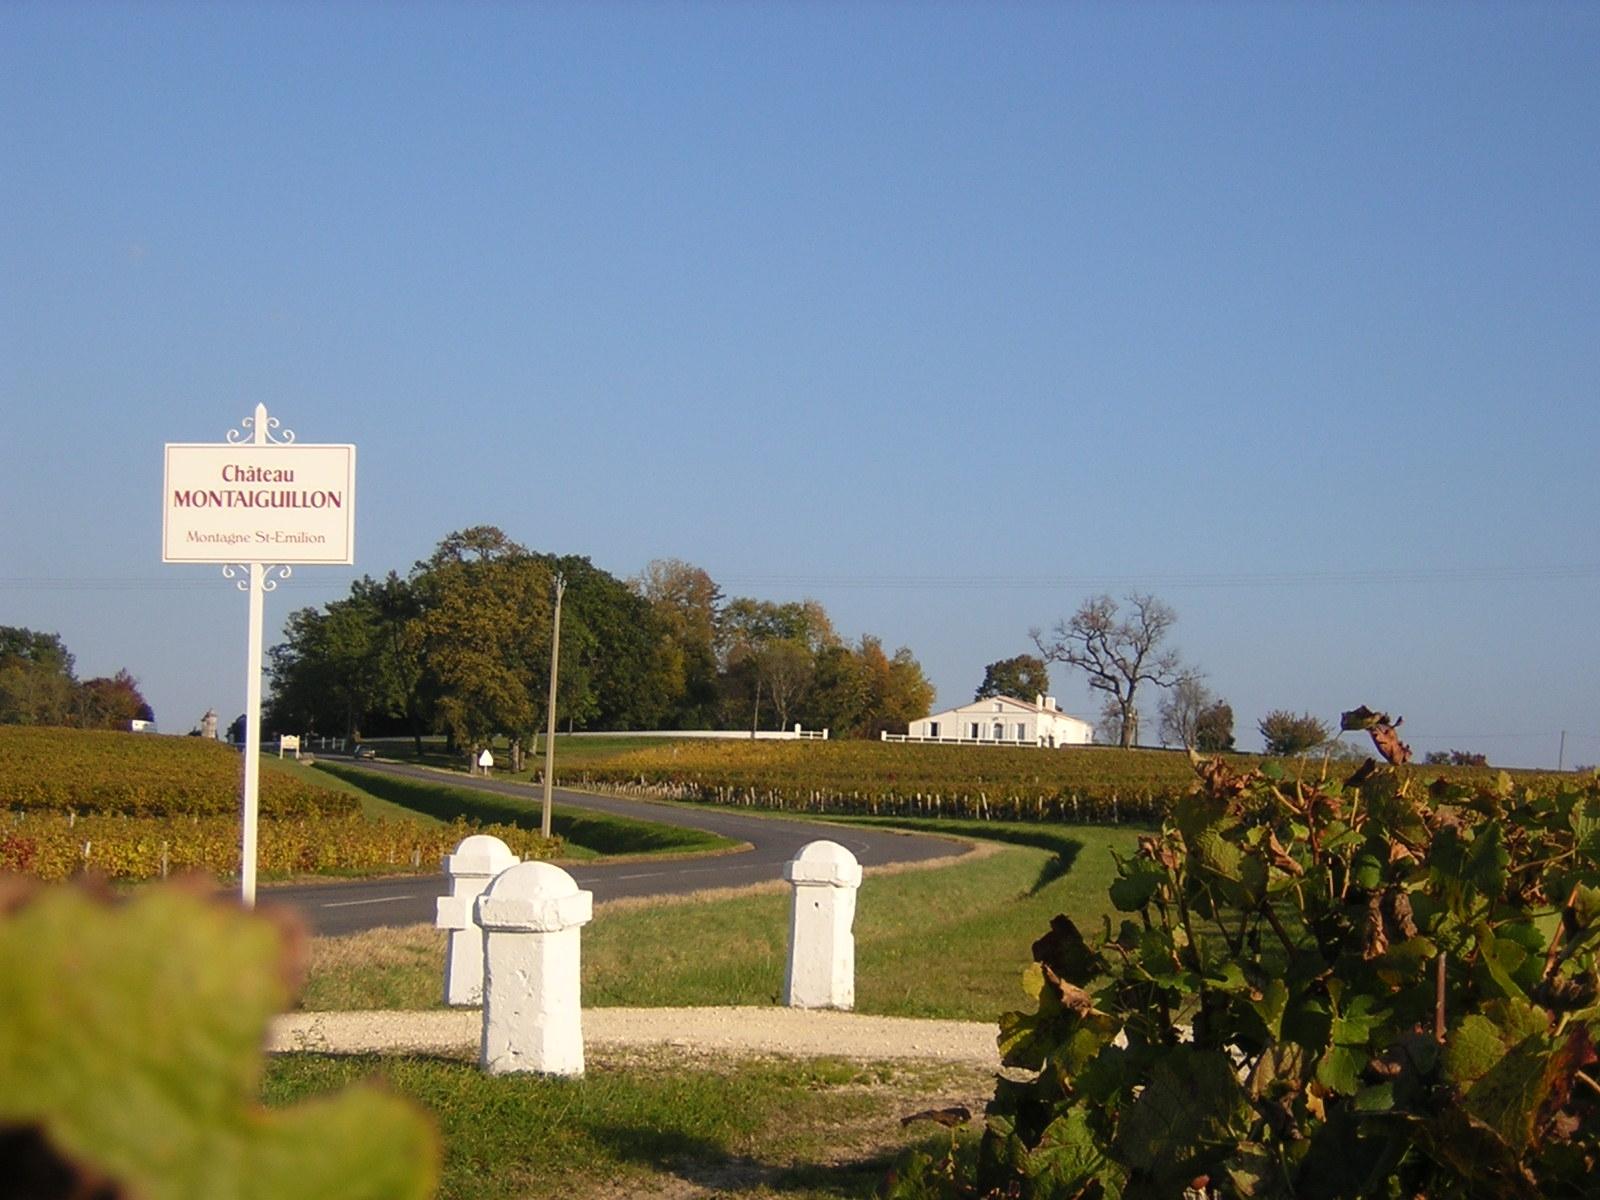 Bienvenu au château Montaiguillon !